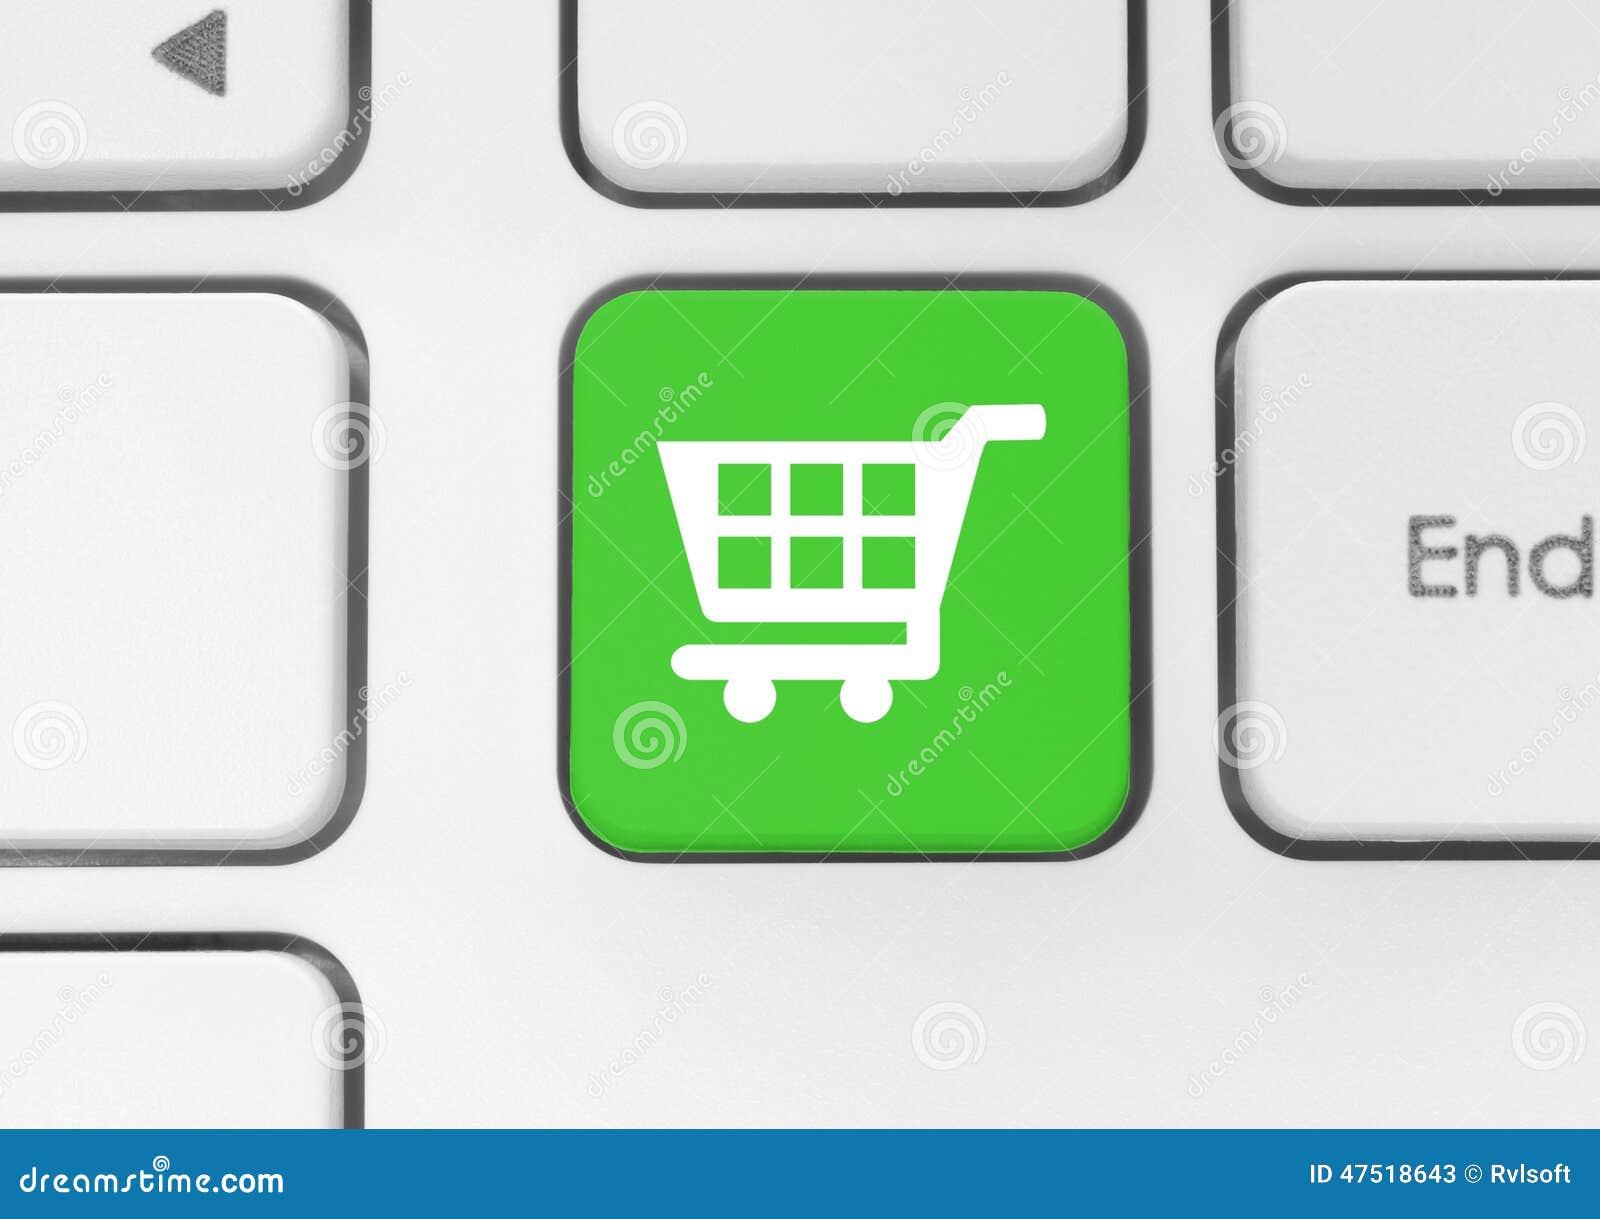 Wózek na zakupy ikona na zielonym klawiaturowym guziku